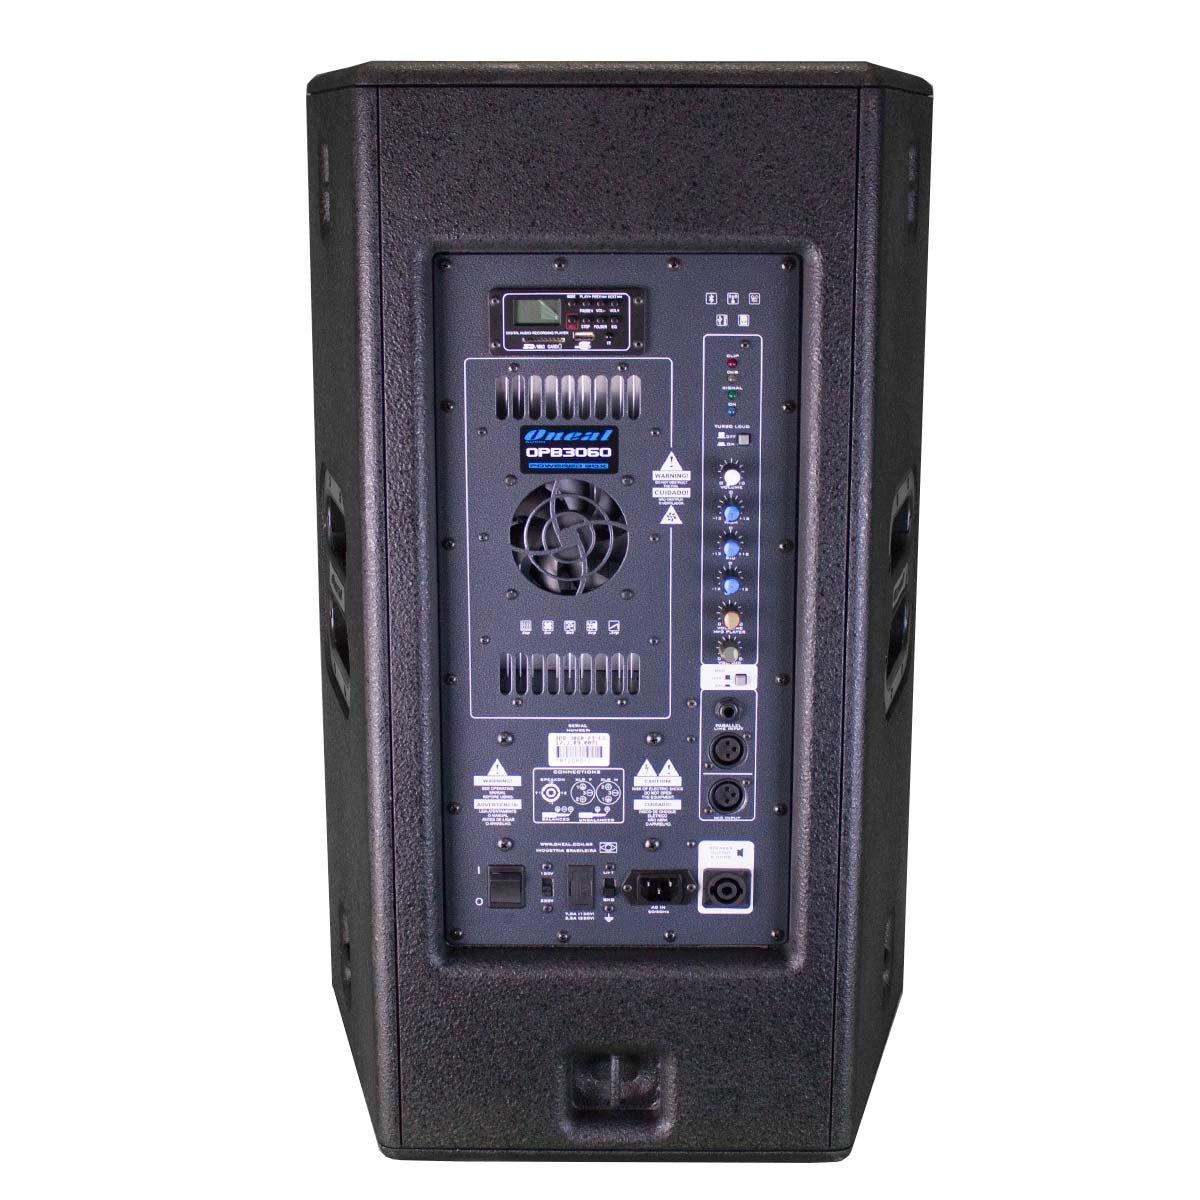 Caixa ativa oneal opb 3060 caixa ativa oneal na for Oficina 3060 la caixa